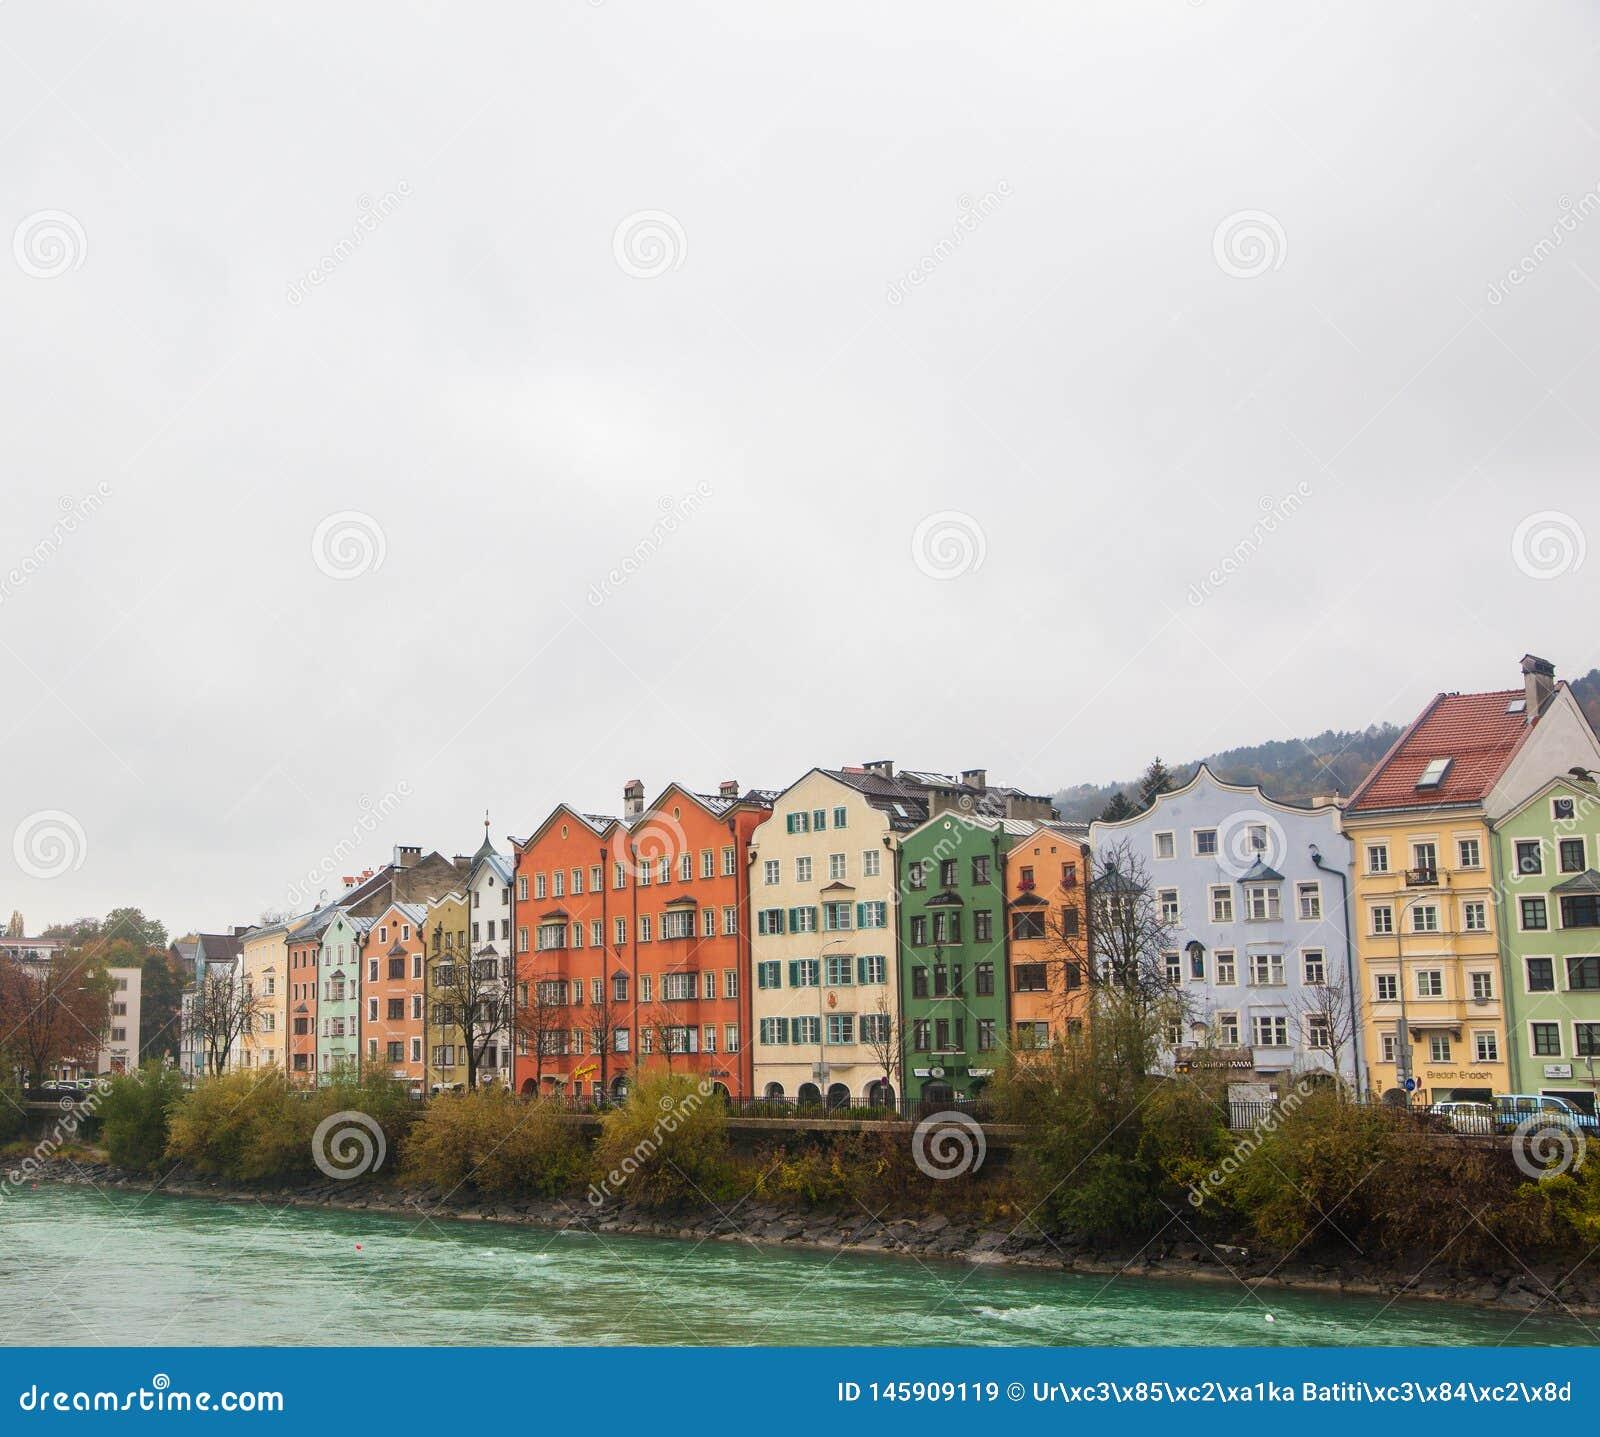 Colorful Houses Innsbruck